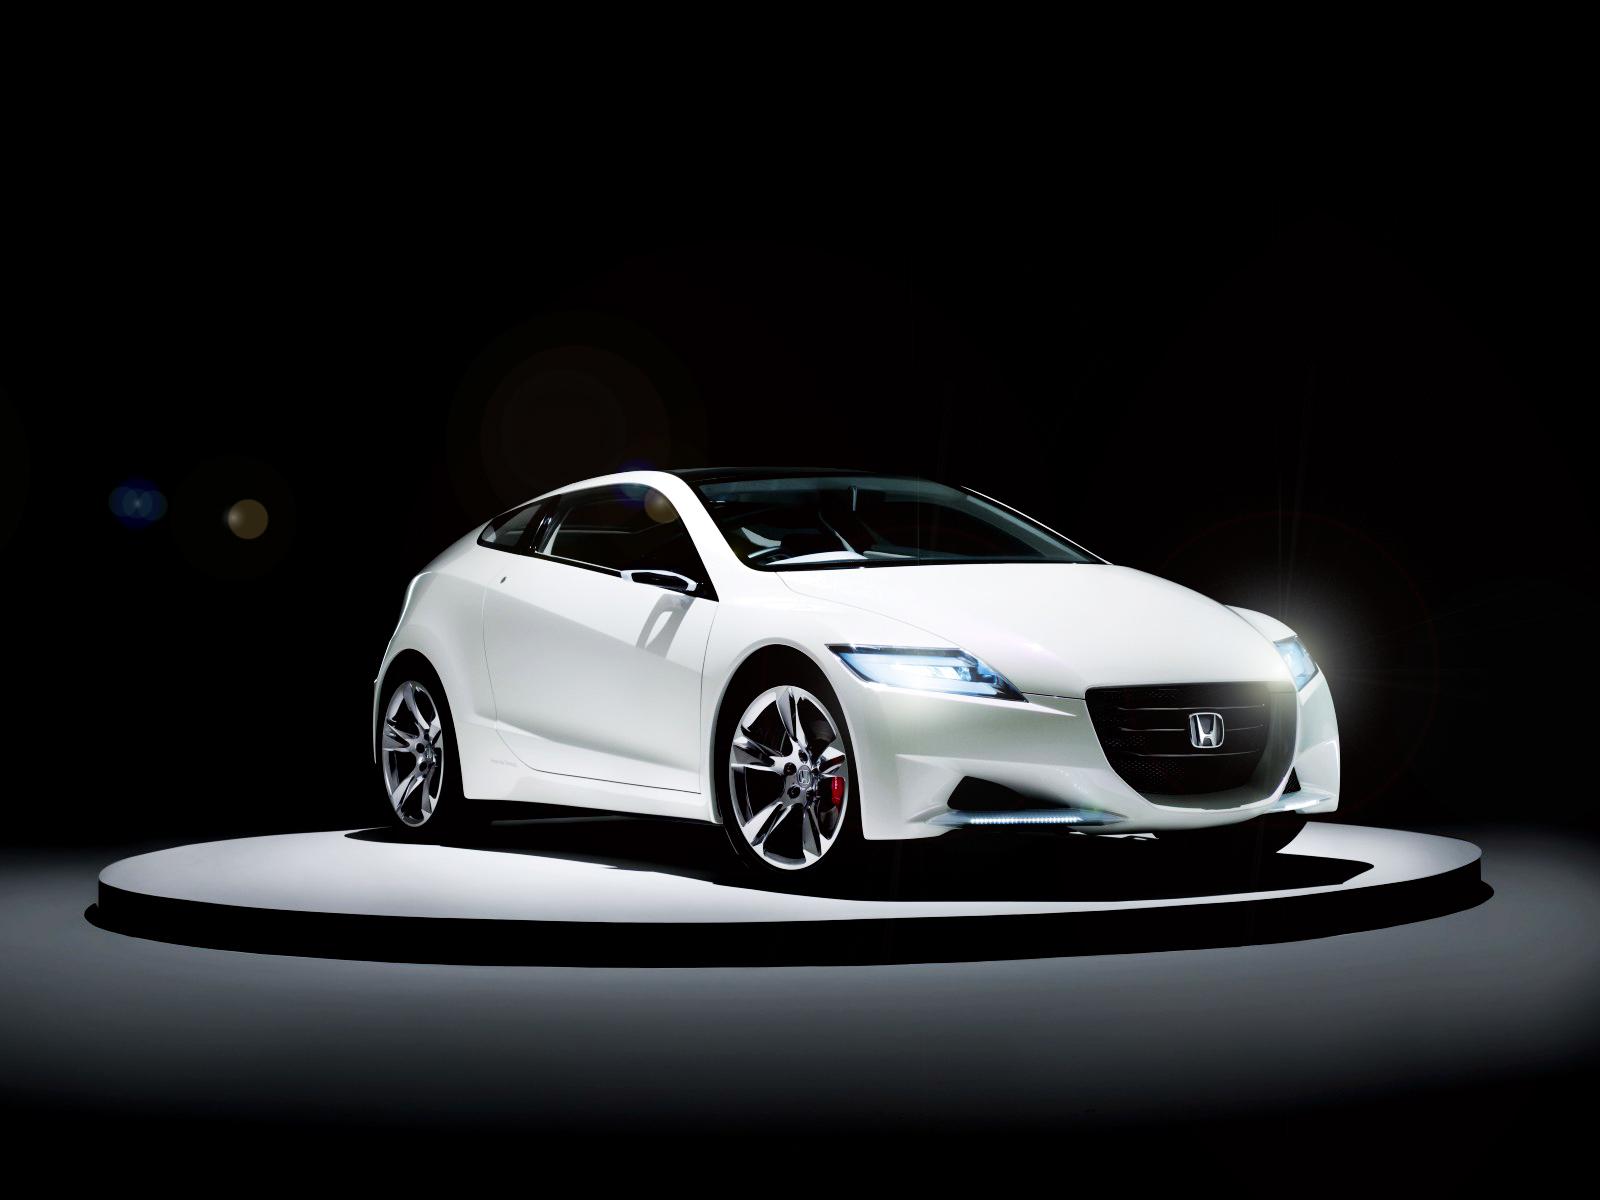 Honda CR Z Concept White HD Wallpaper Vvallpaper.net 2012 En Güzel HD Araba Resimleri indir